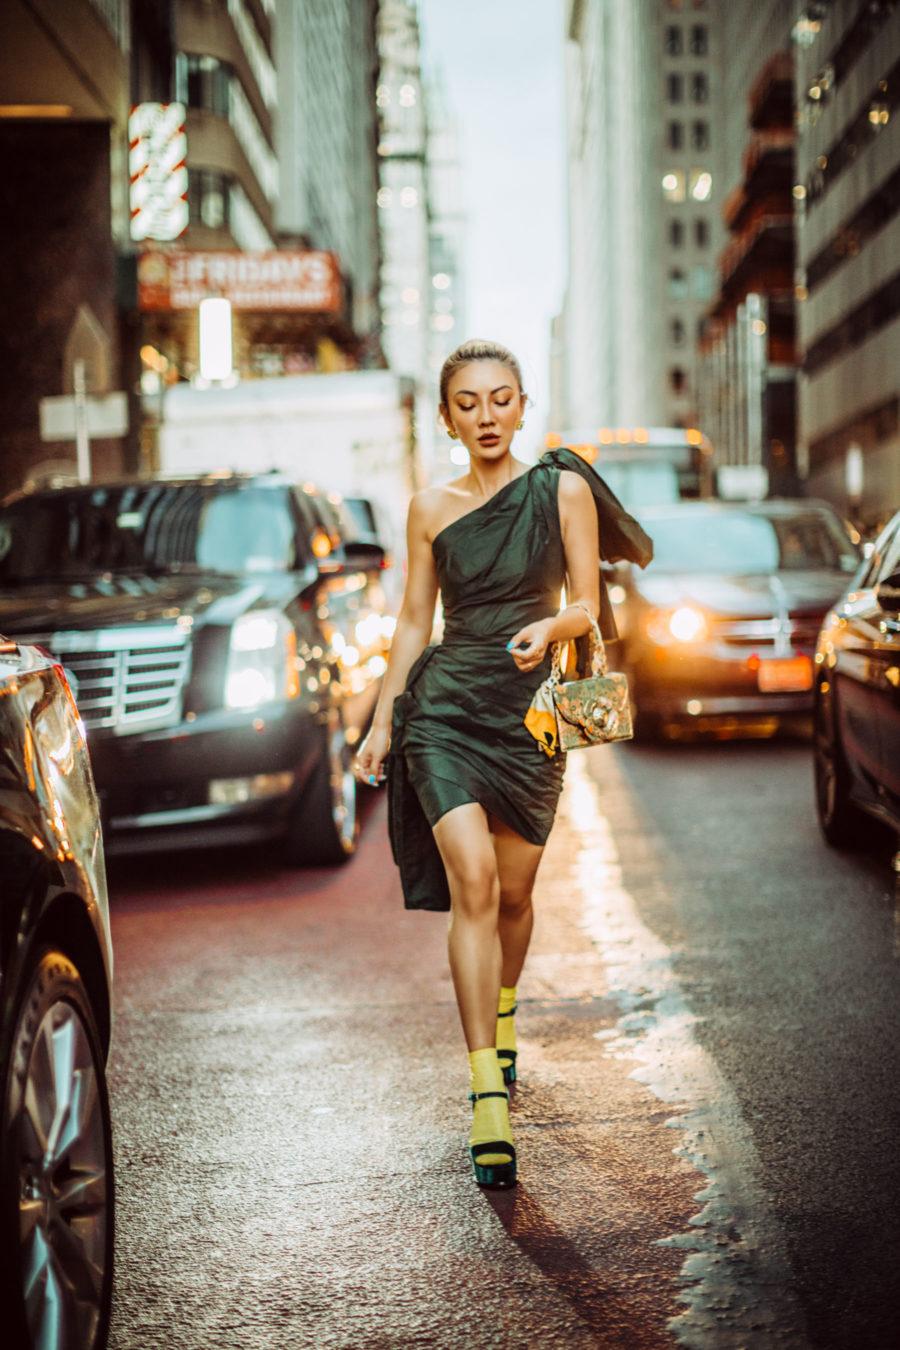 evening looks, little black dress, one shoulder dress, socks with sandals // Notjessfashion.com